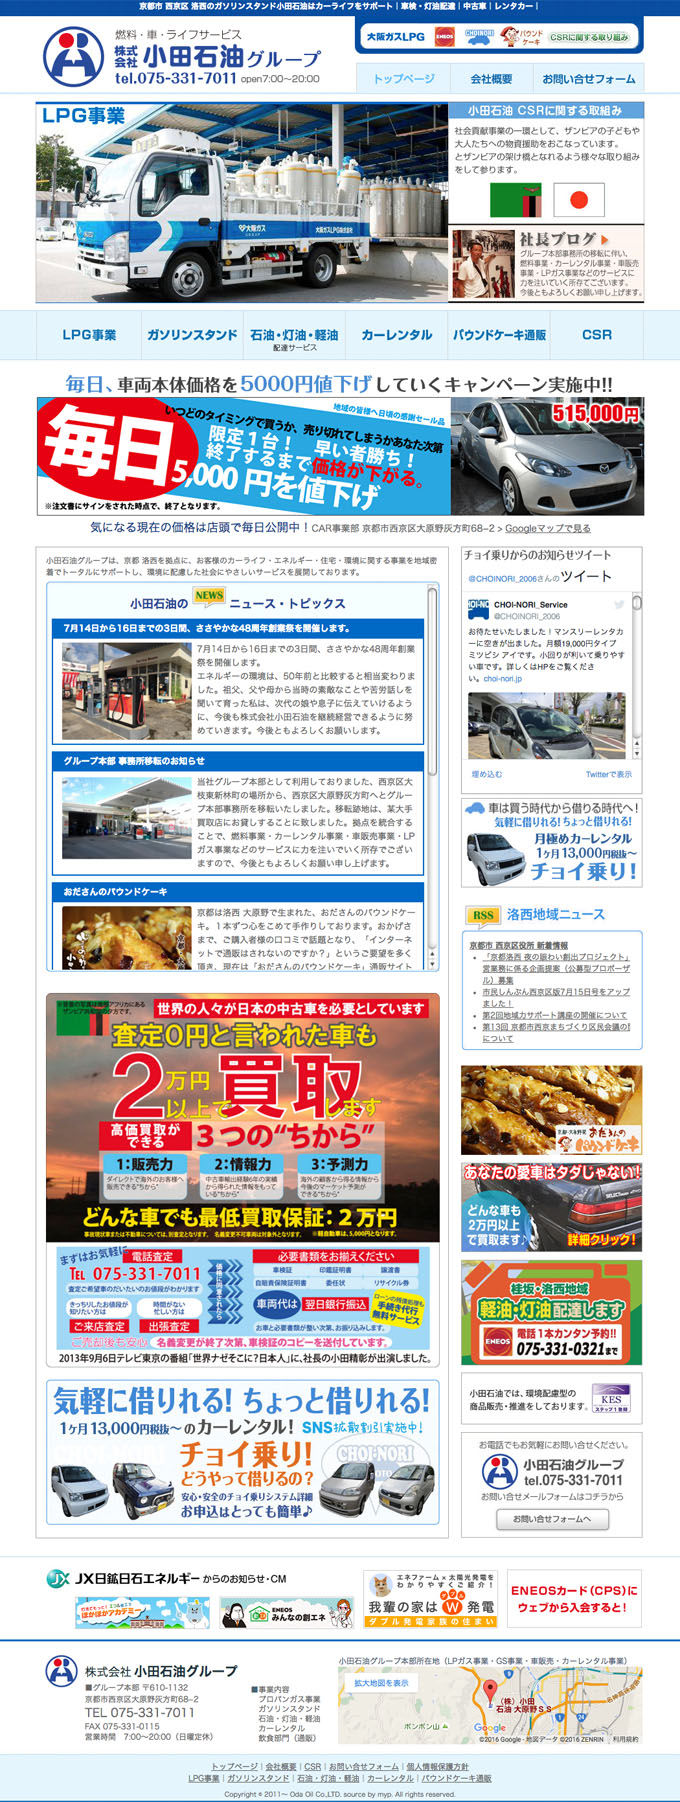 小田石油グループ様のホームページ